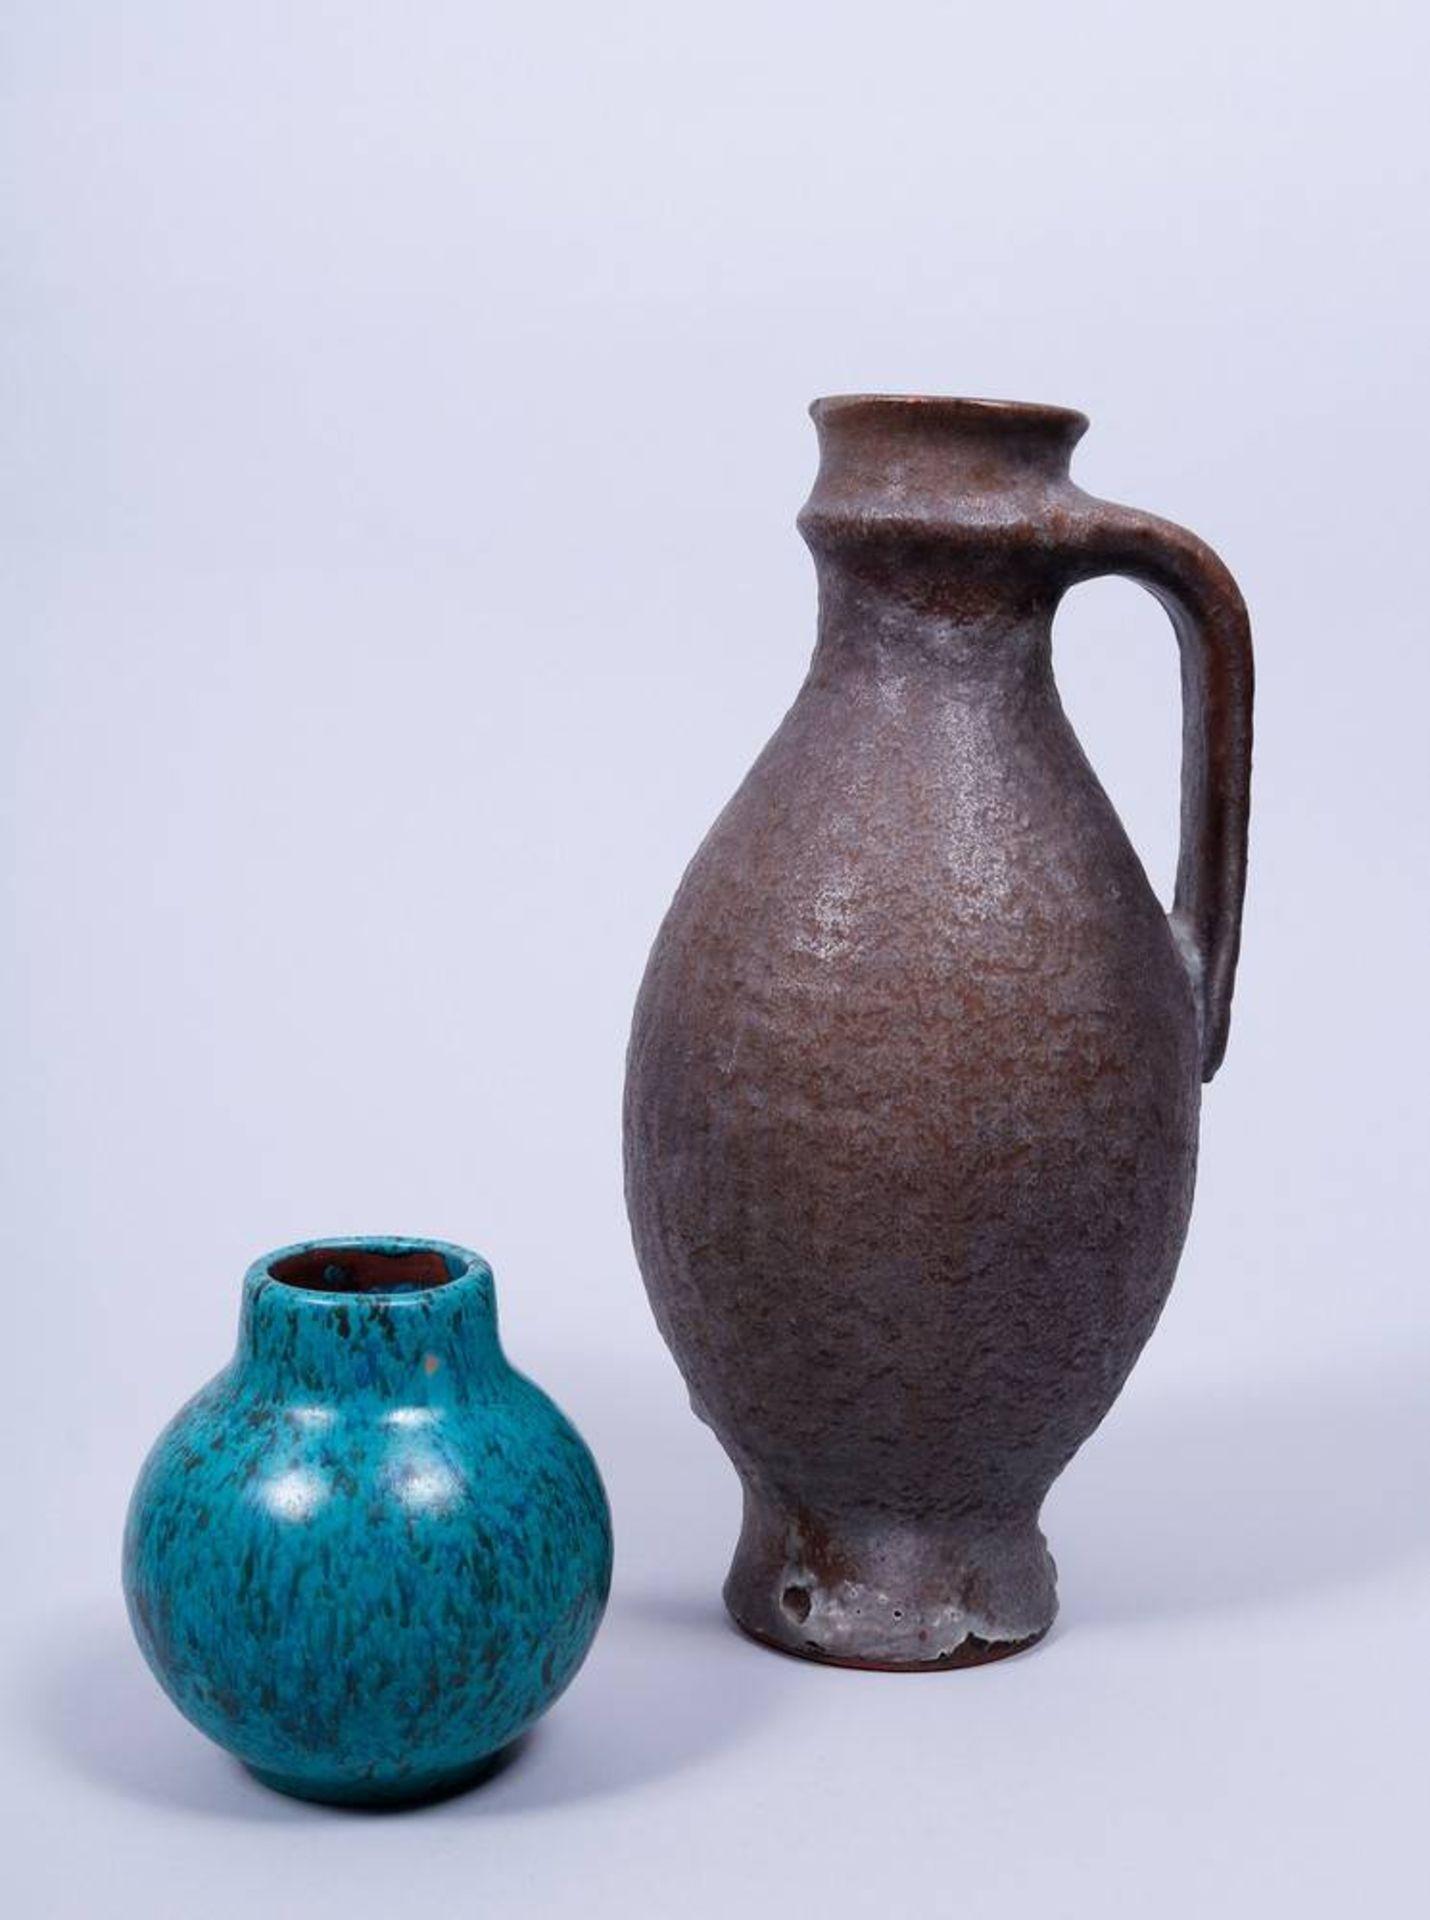 Kleines Konvolut Keramik, Karlsruher Majolika, um 1960 bestehend aus 1 Krug und 1 Vase, Entwurf - Bild 3 aus 6